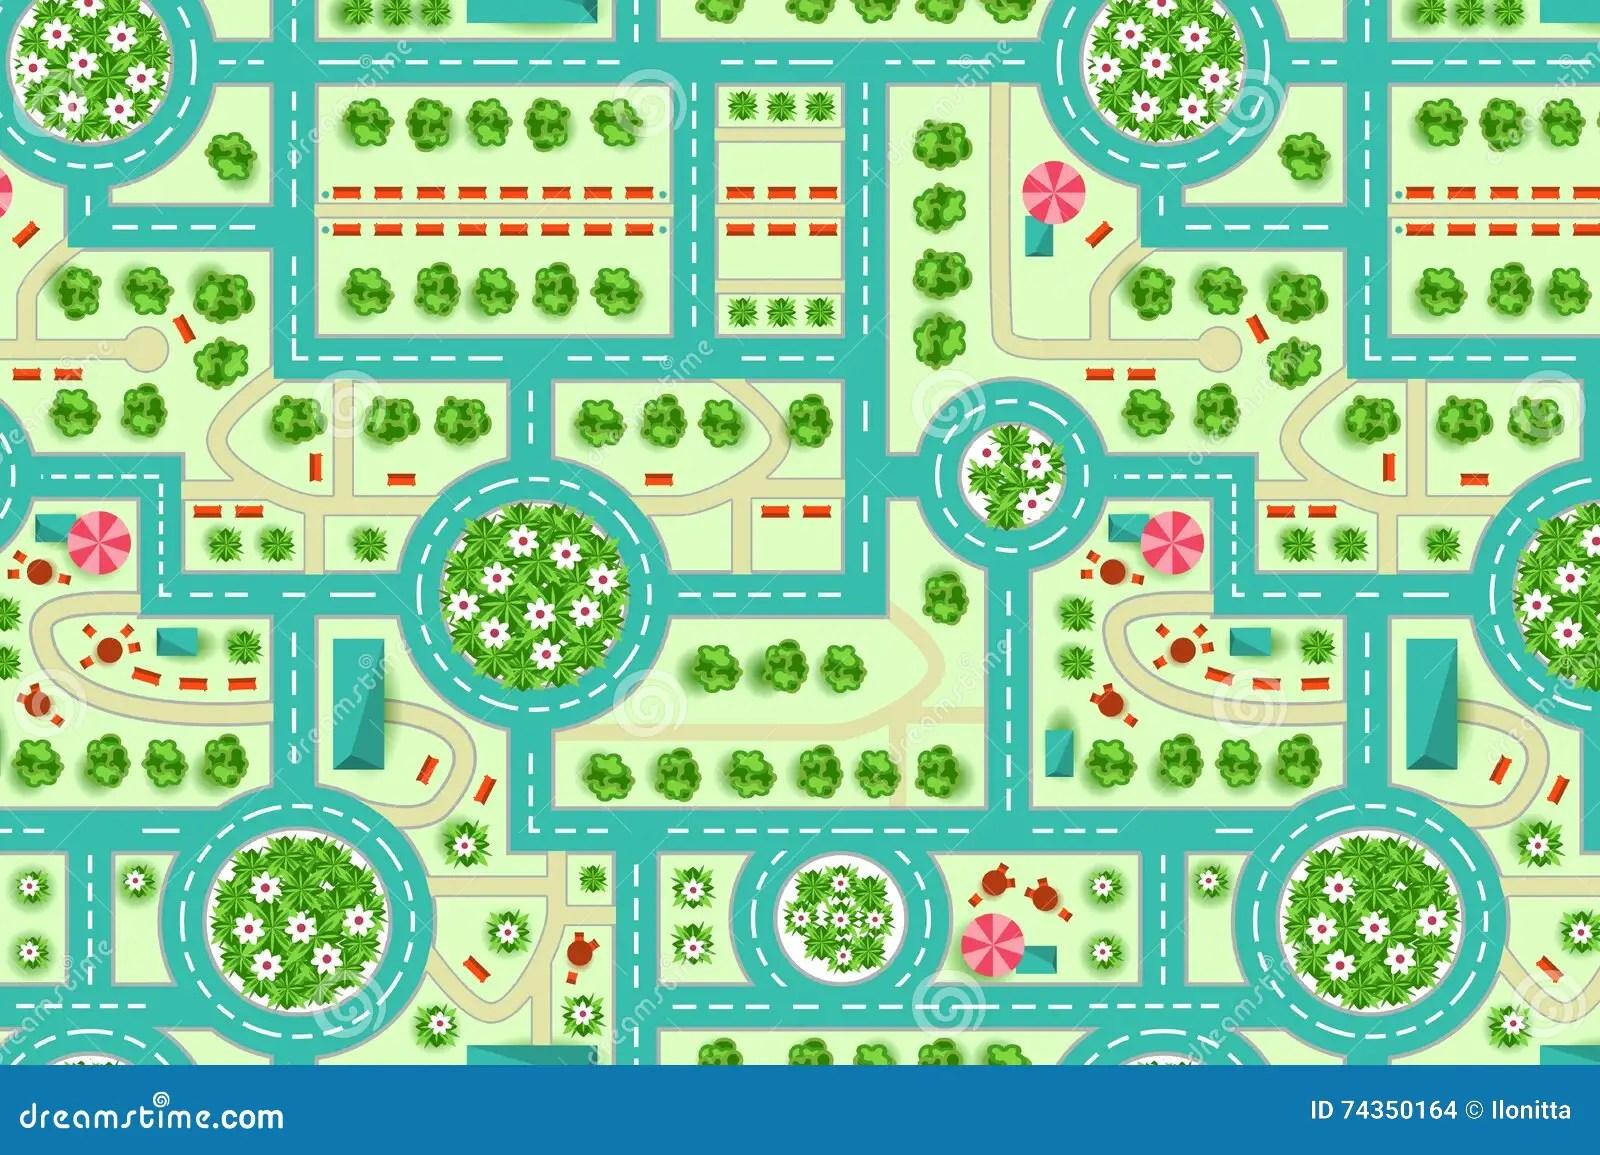 Mapa De Una Vision Superior Desde La Ciudad Ilustracion